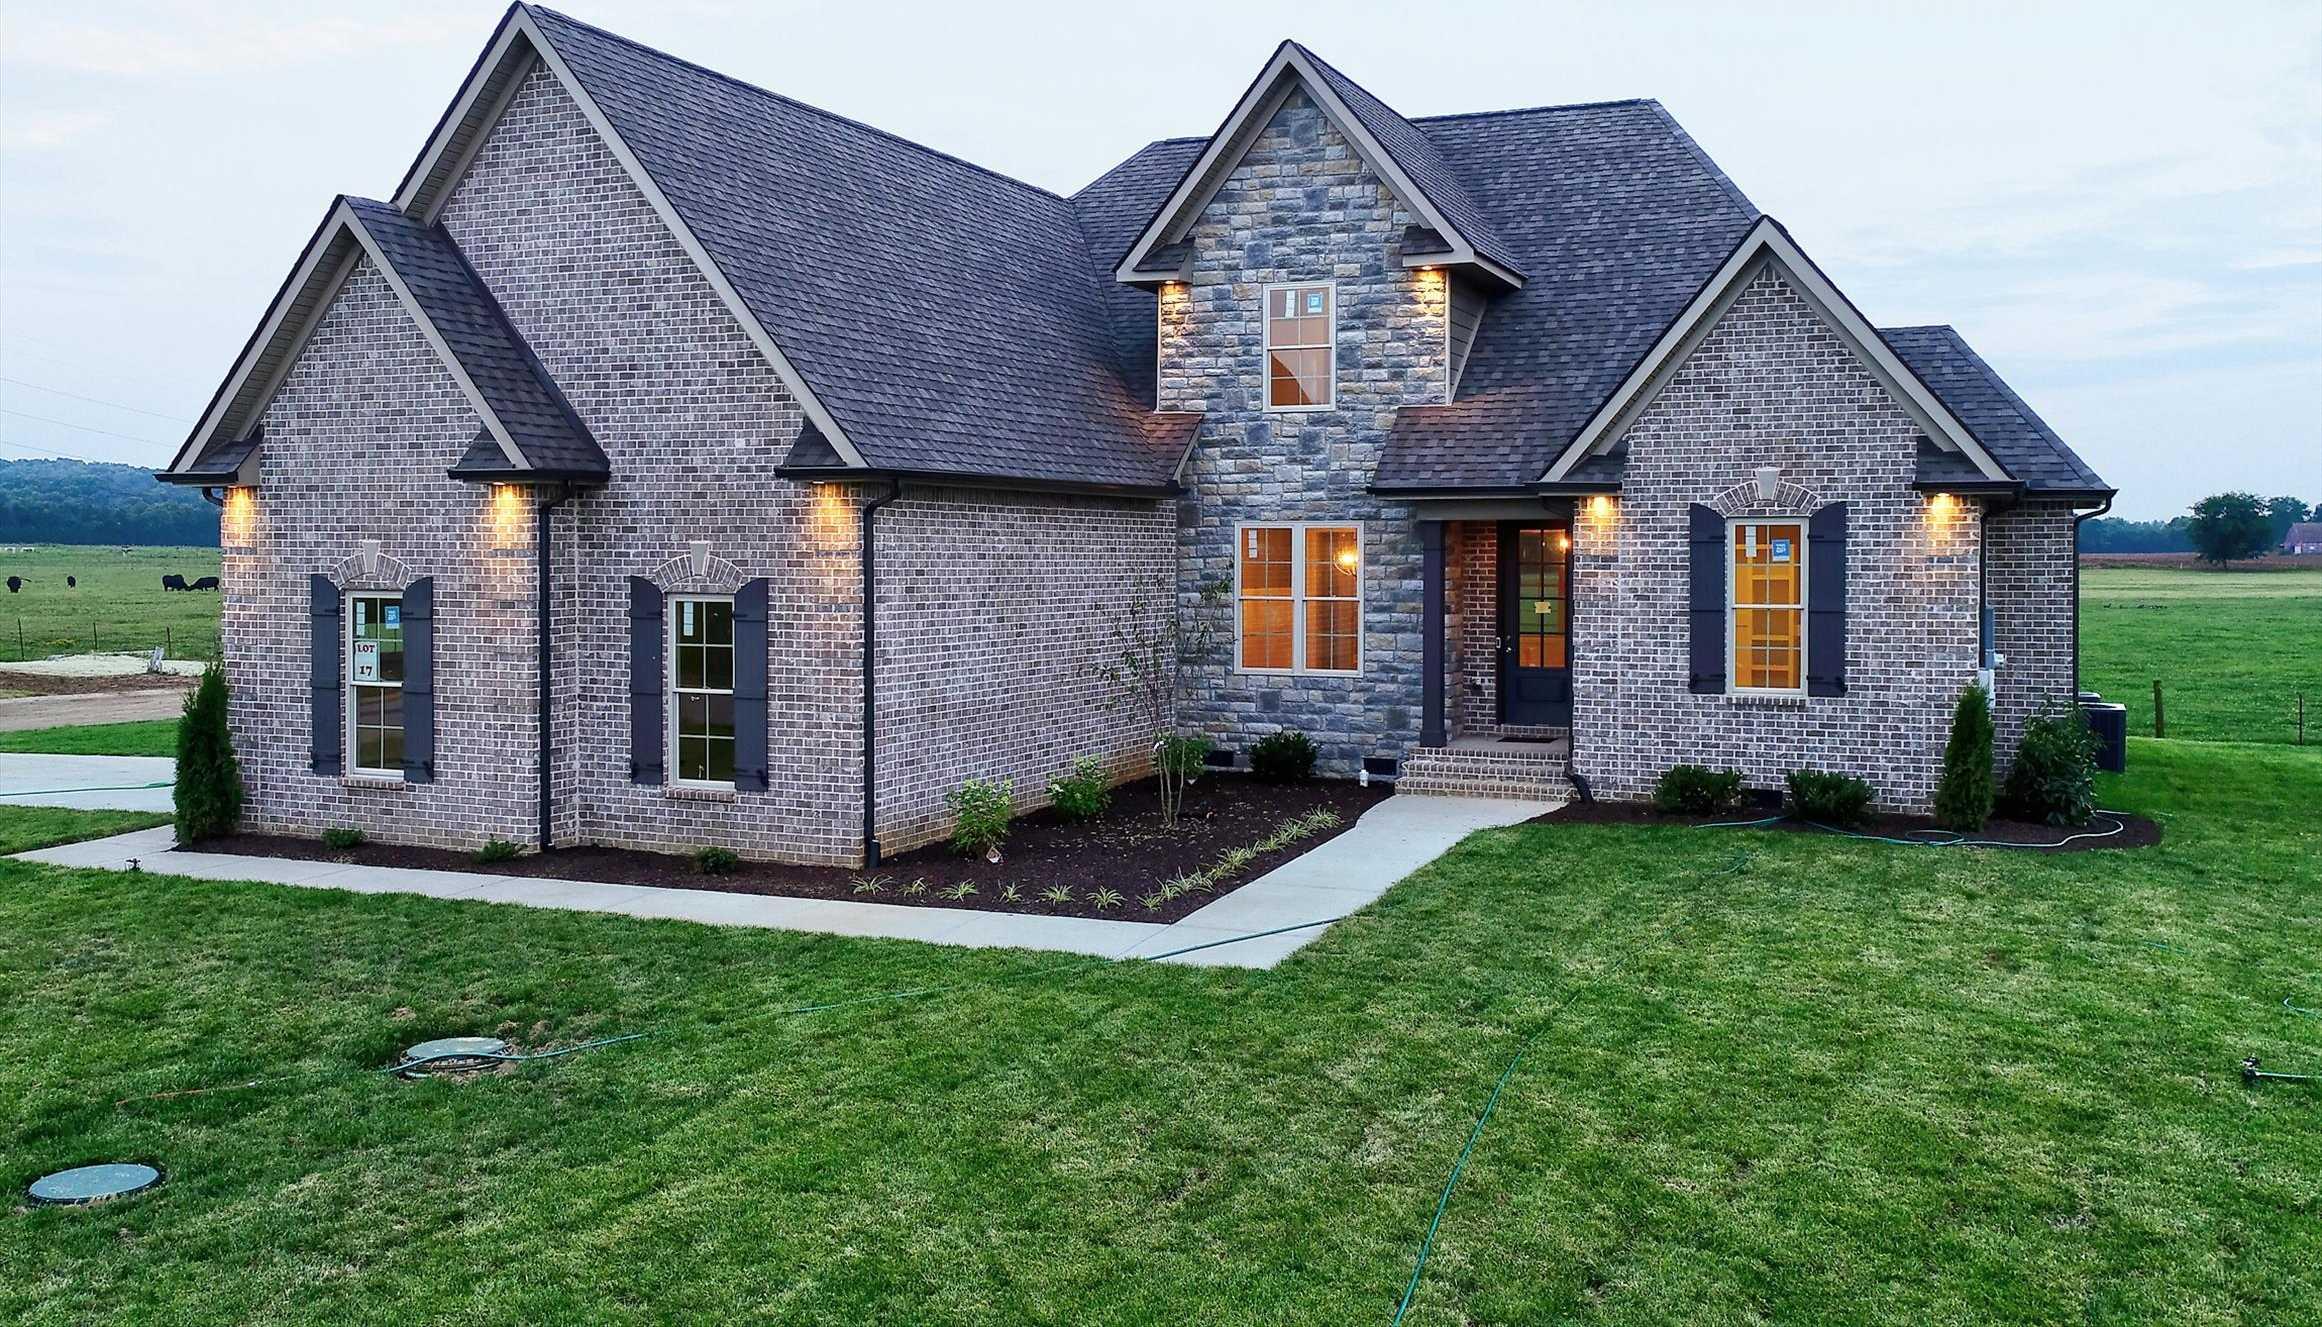 $422,900 - 4Br/4Ba -  for Sale in North Side Estates At Lasc, Murfreesboro